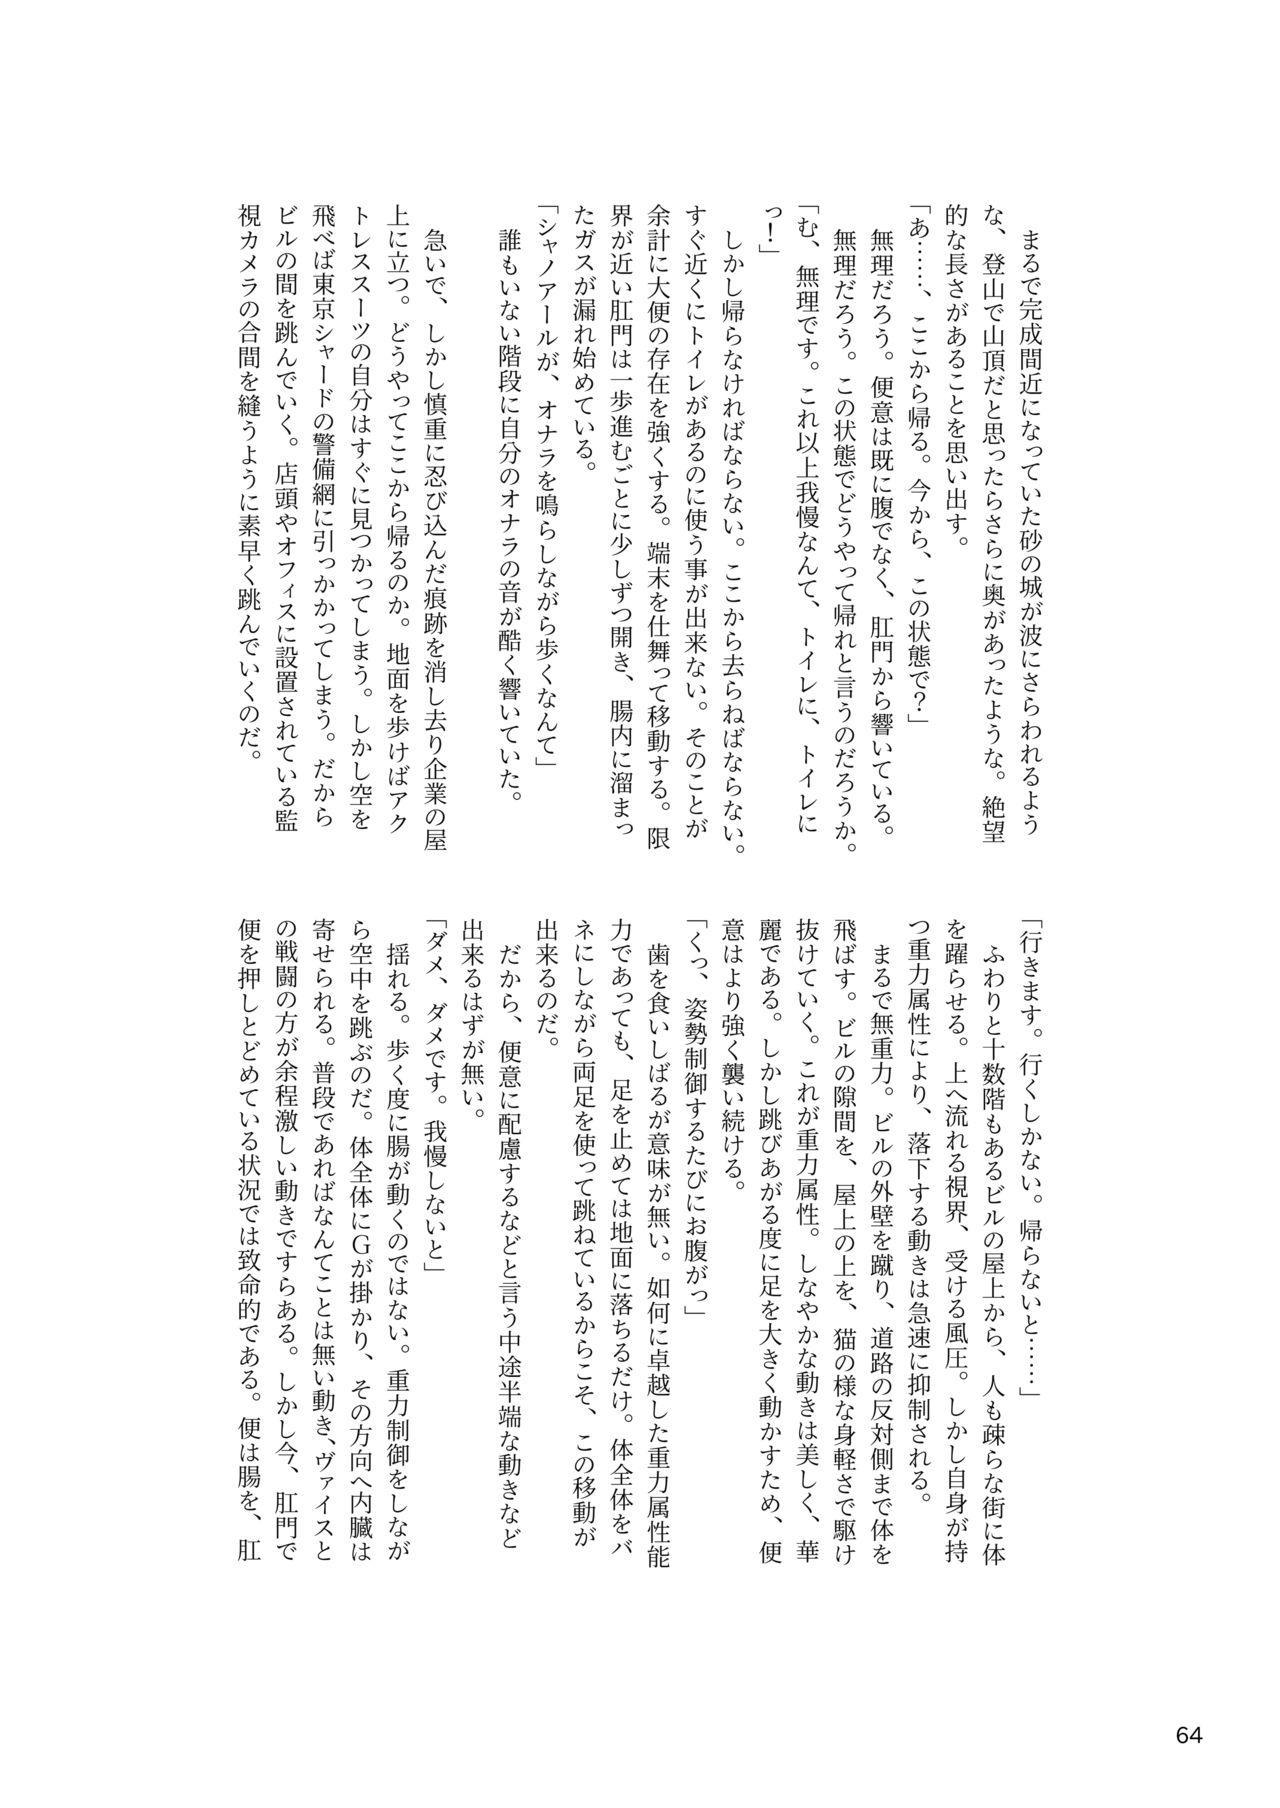 ア○スギア総合スカトロアンソロジー アクトレス排泄実態調査任務~スカポためるっすか!?~ 63